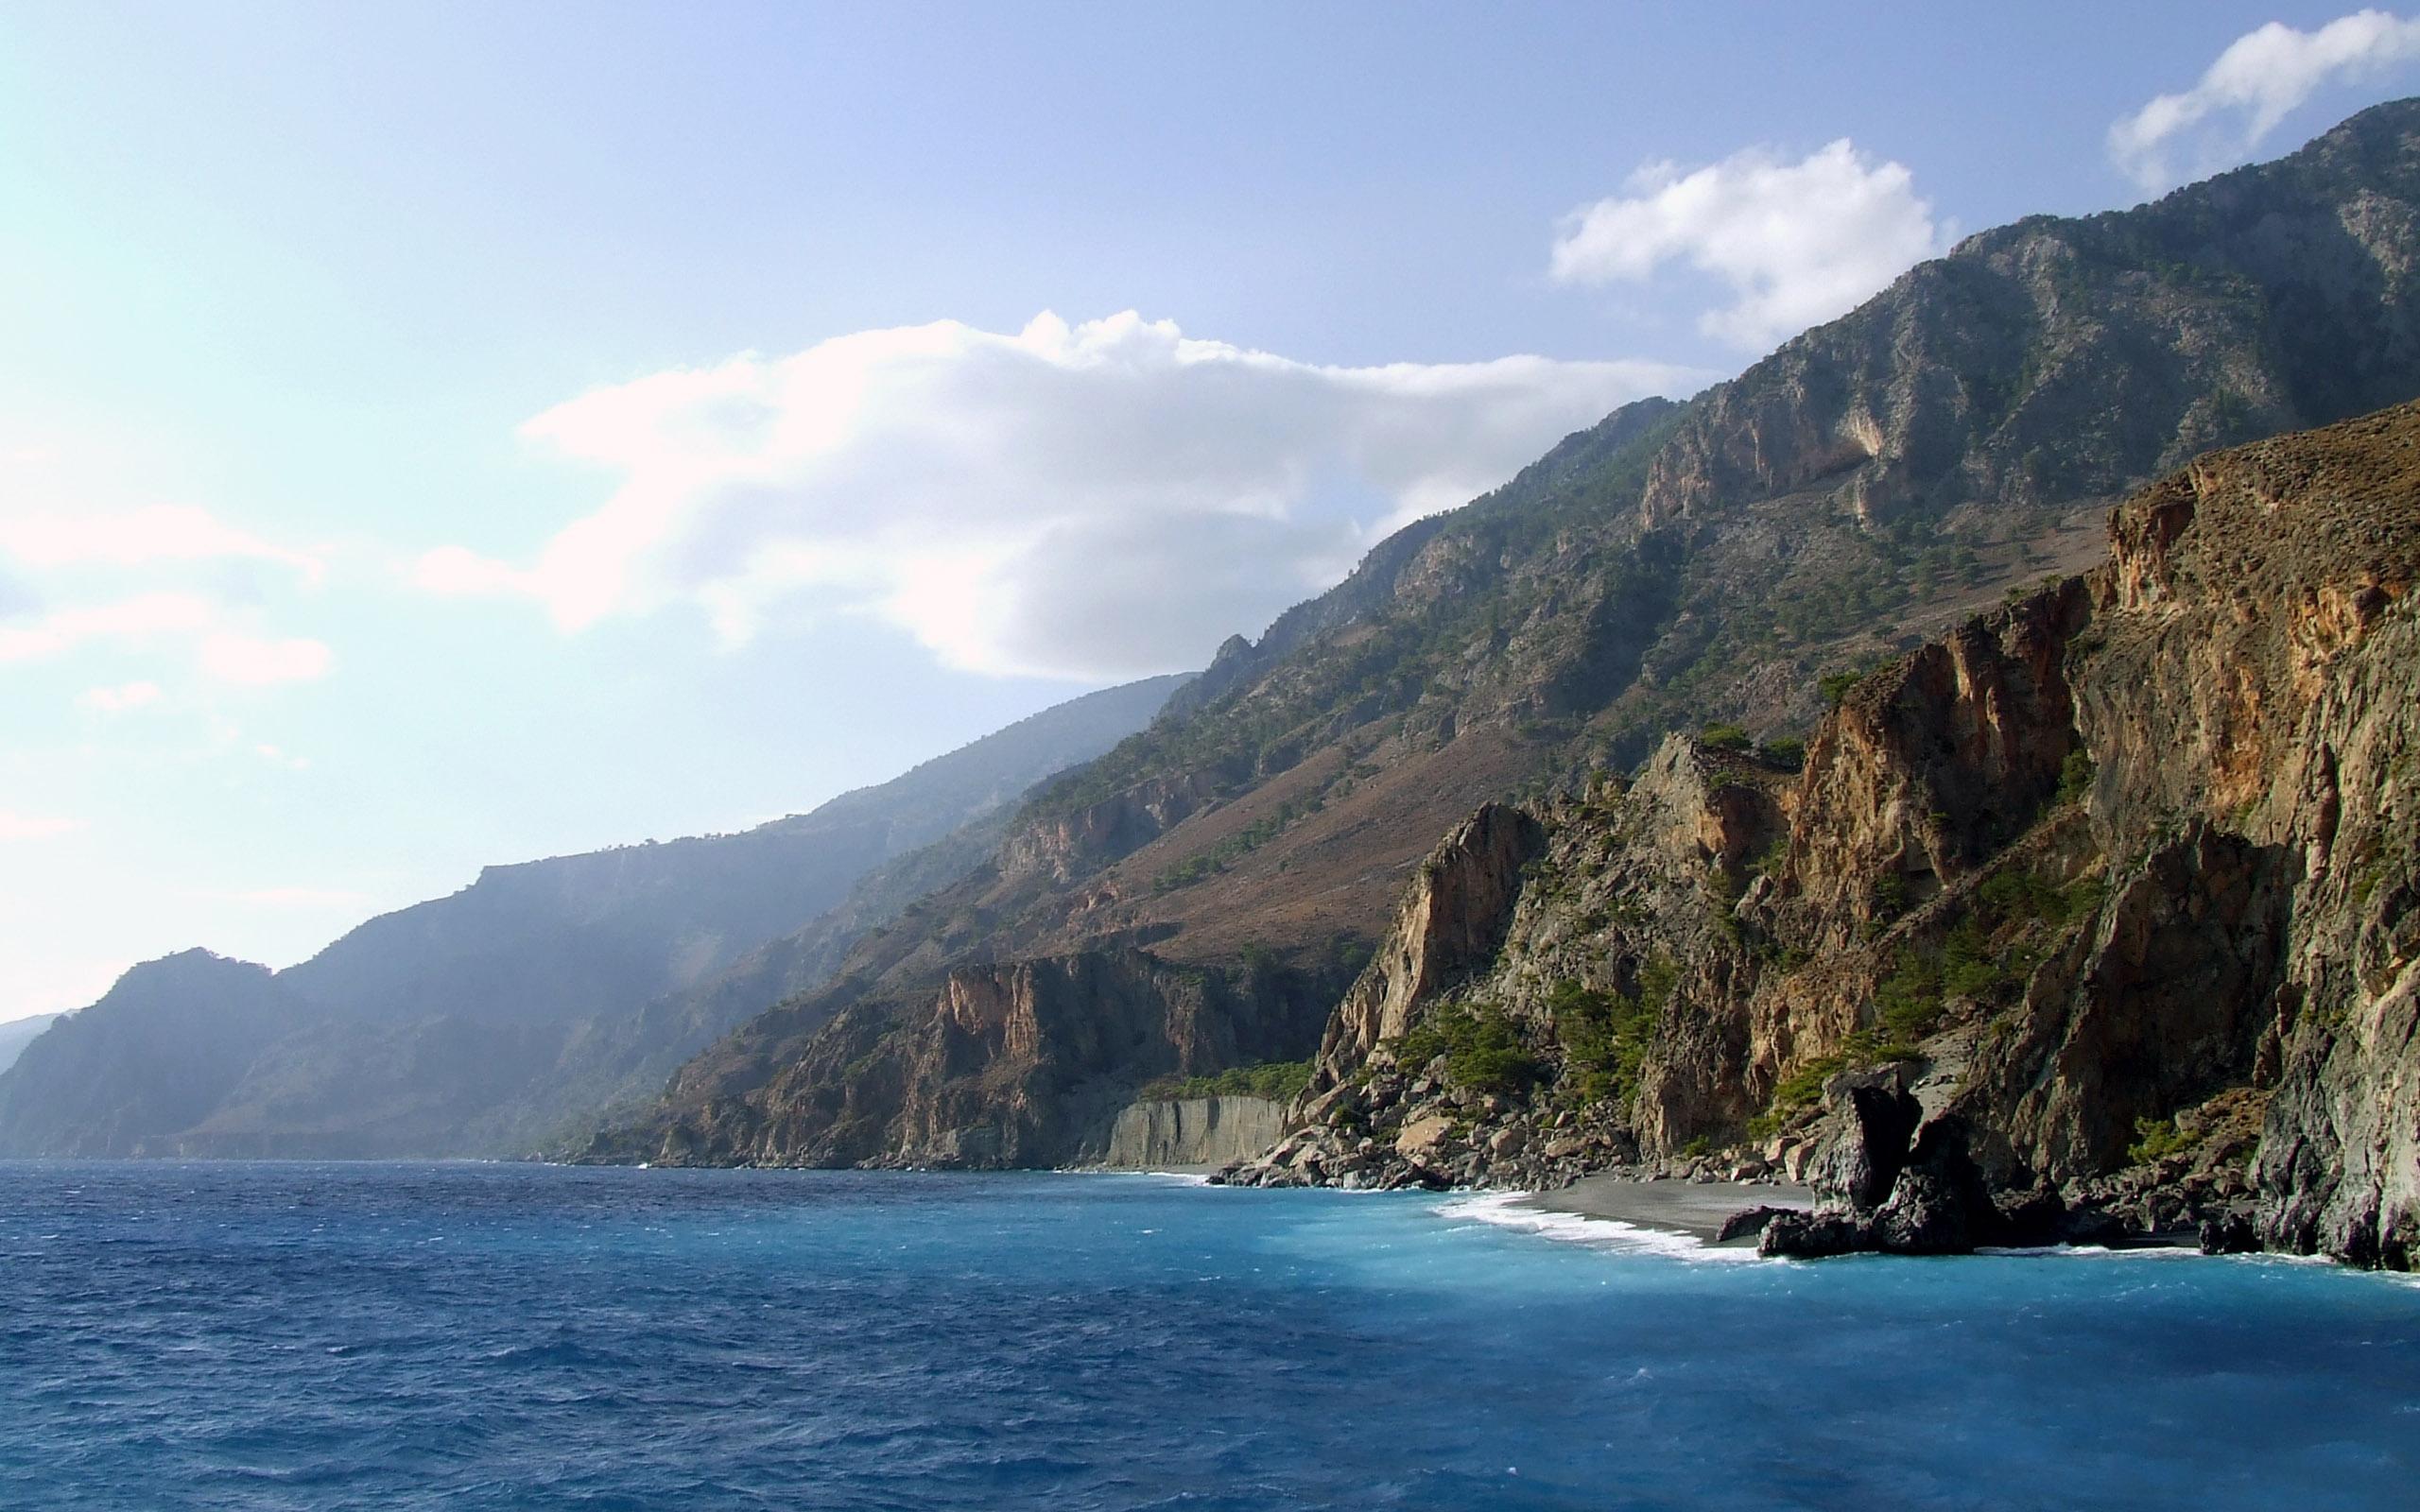 Картинки моря с горами